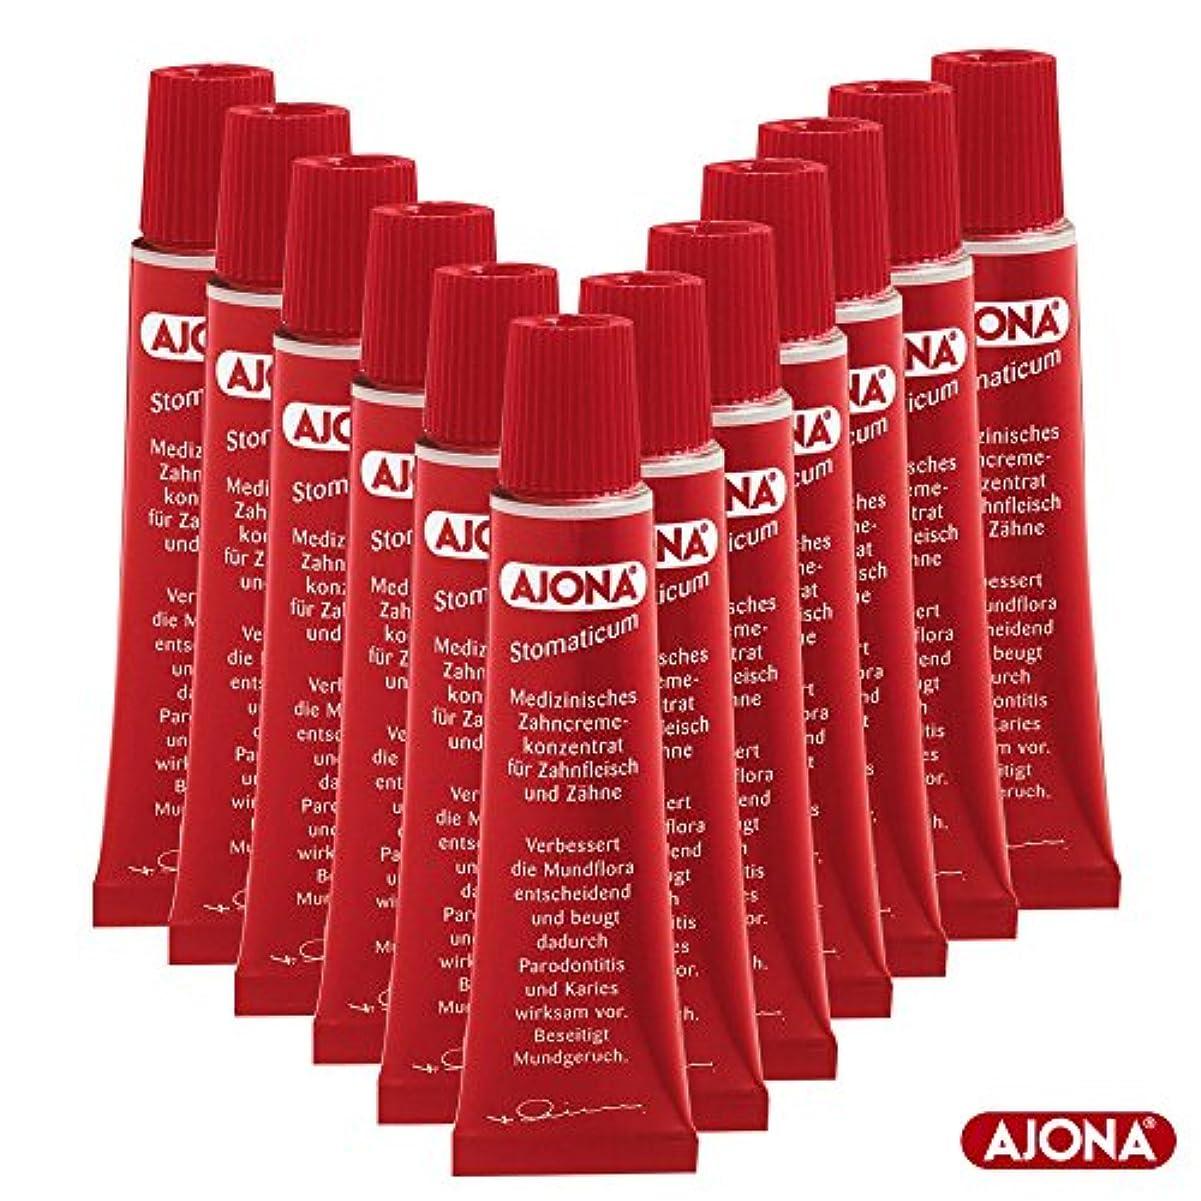 輝くパスポートスカリーAjona 濃縮歯磨き粉 Stomaticum Toothpaste 25ml(12x 25ml)-12Pack [並行輸入品]